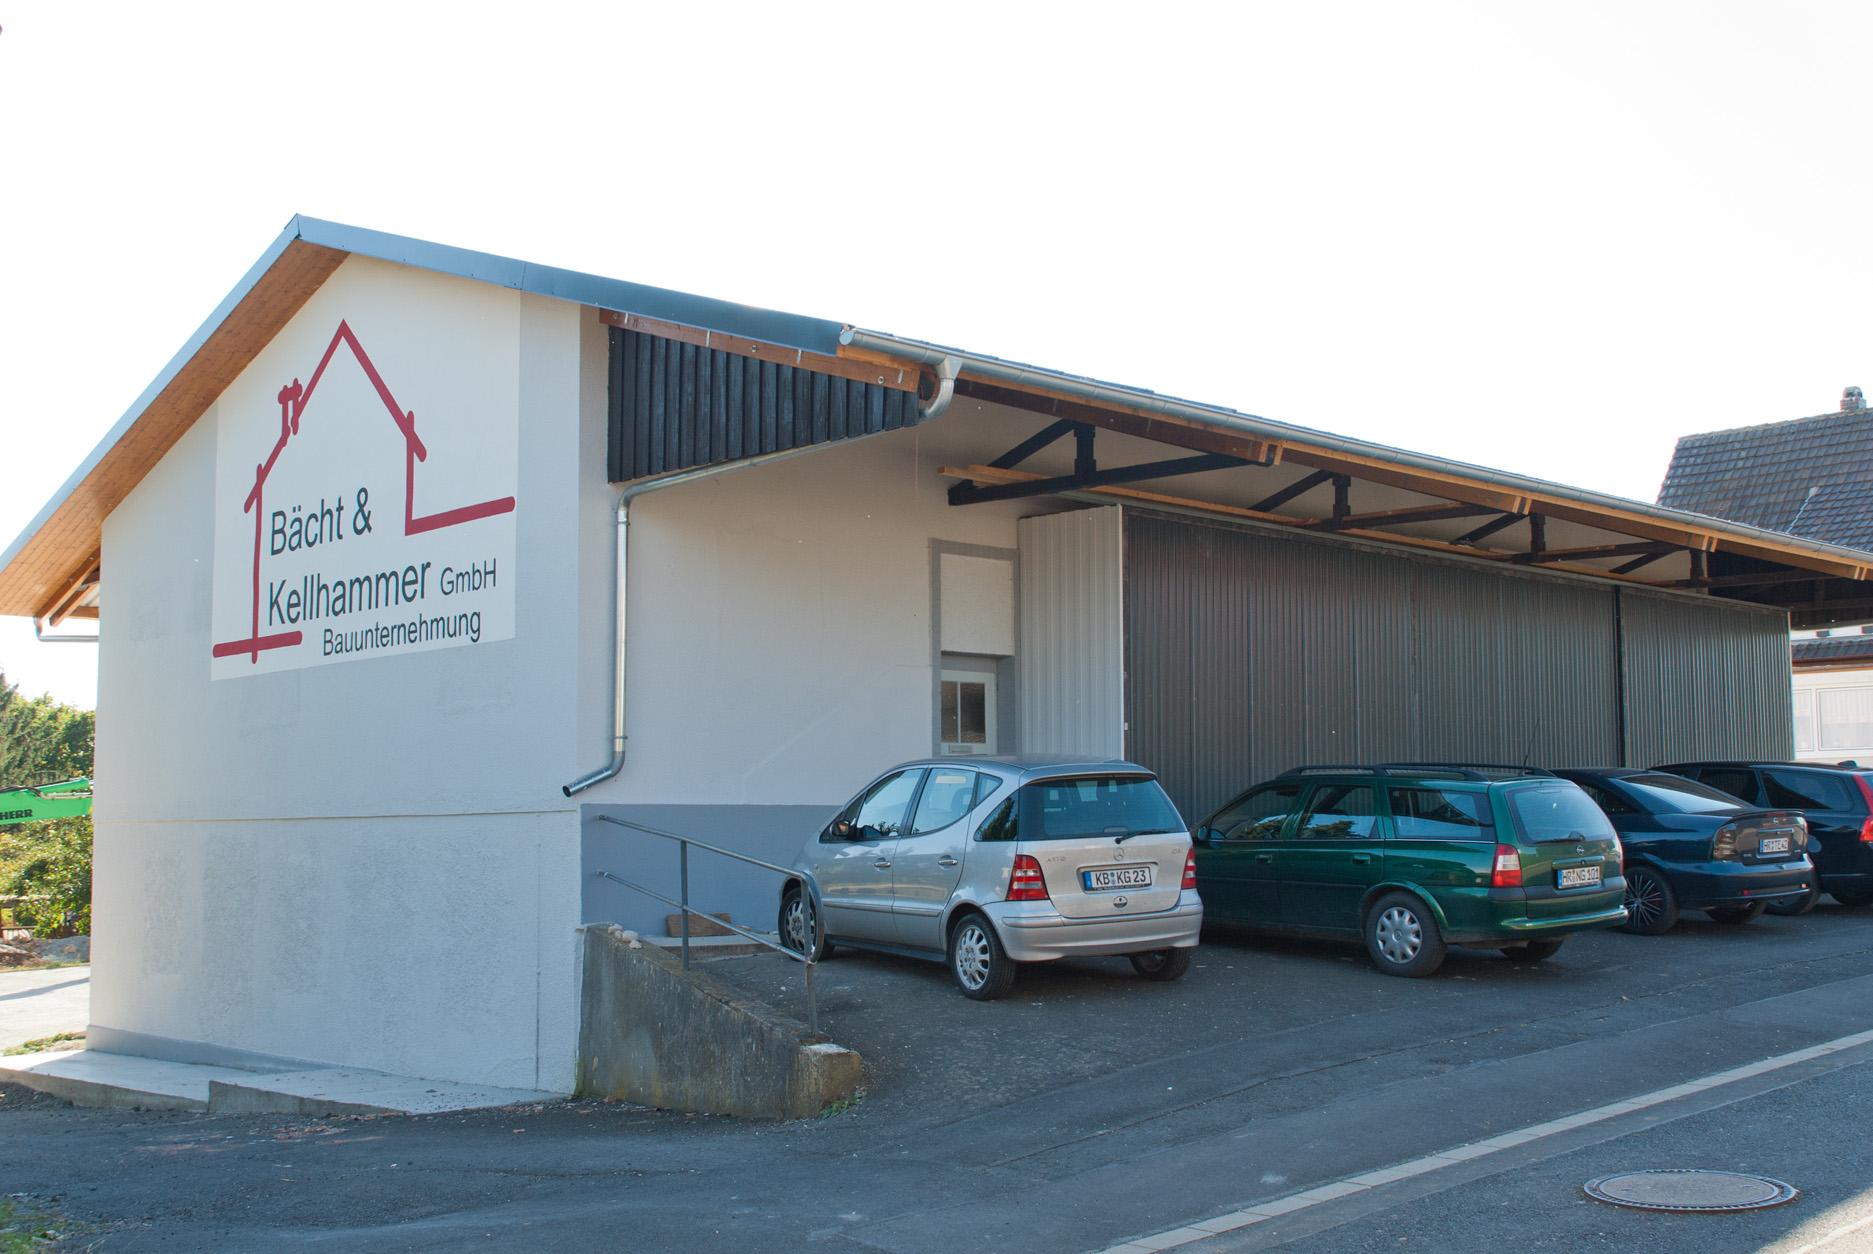 Lagerhalle der Bächt&Kellhammer GmbH